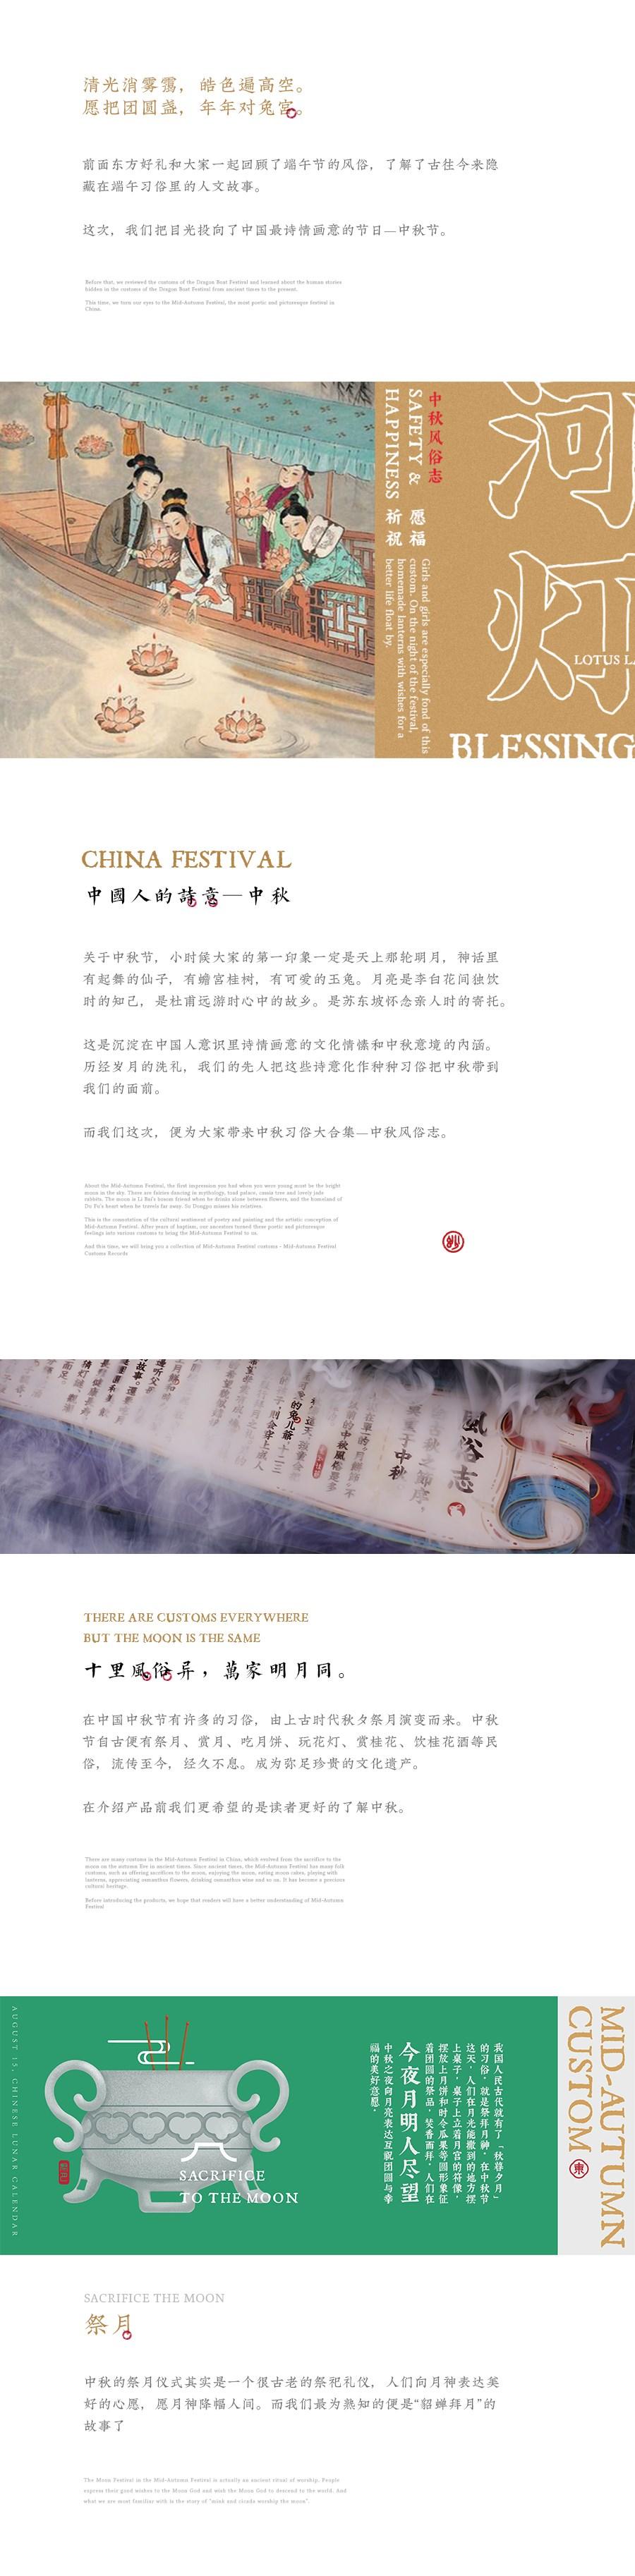 中秋佳节,风俗再现--中秋风俗志